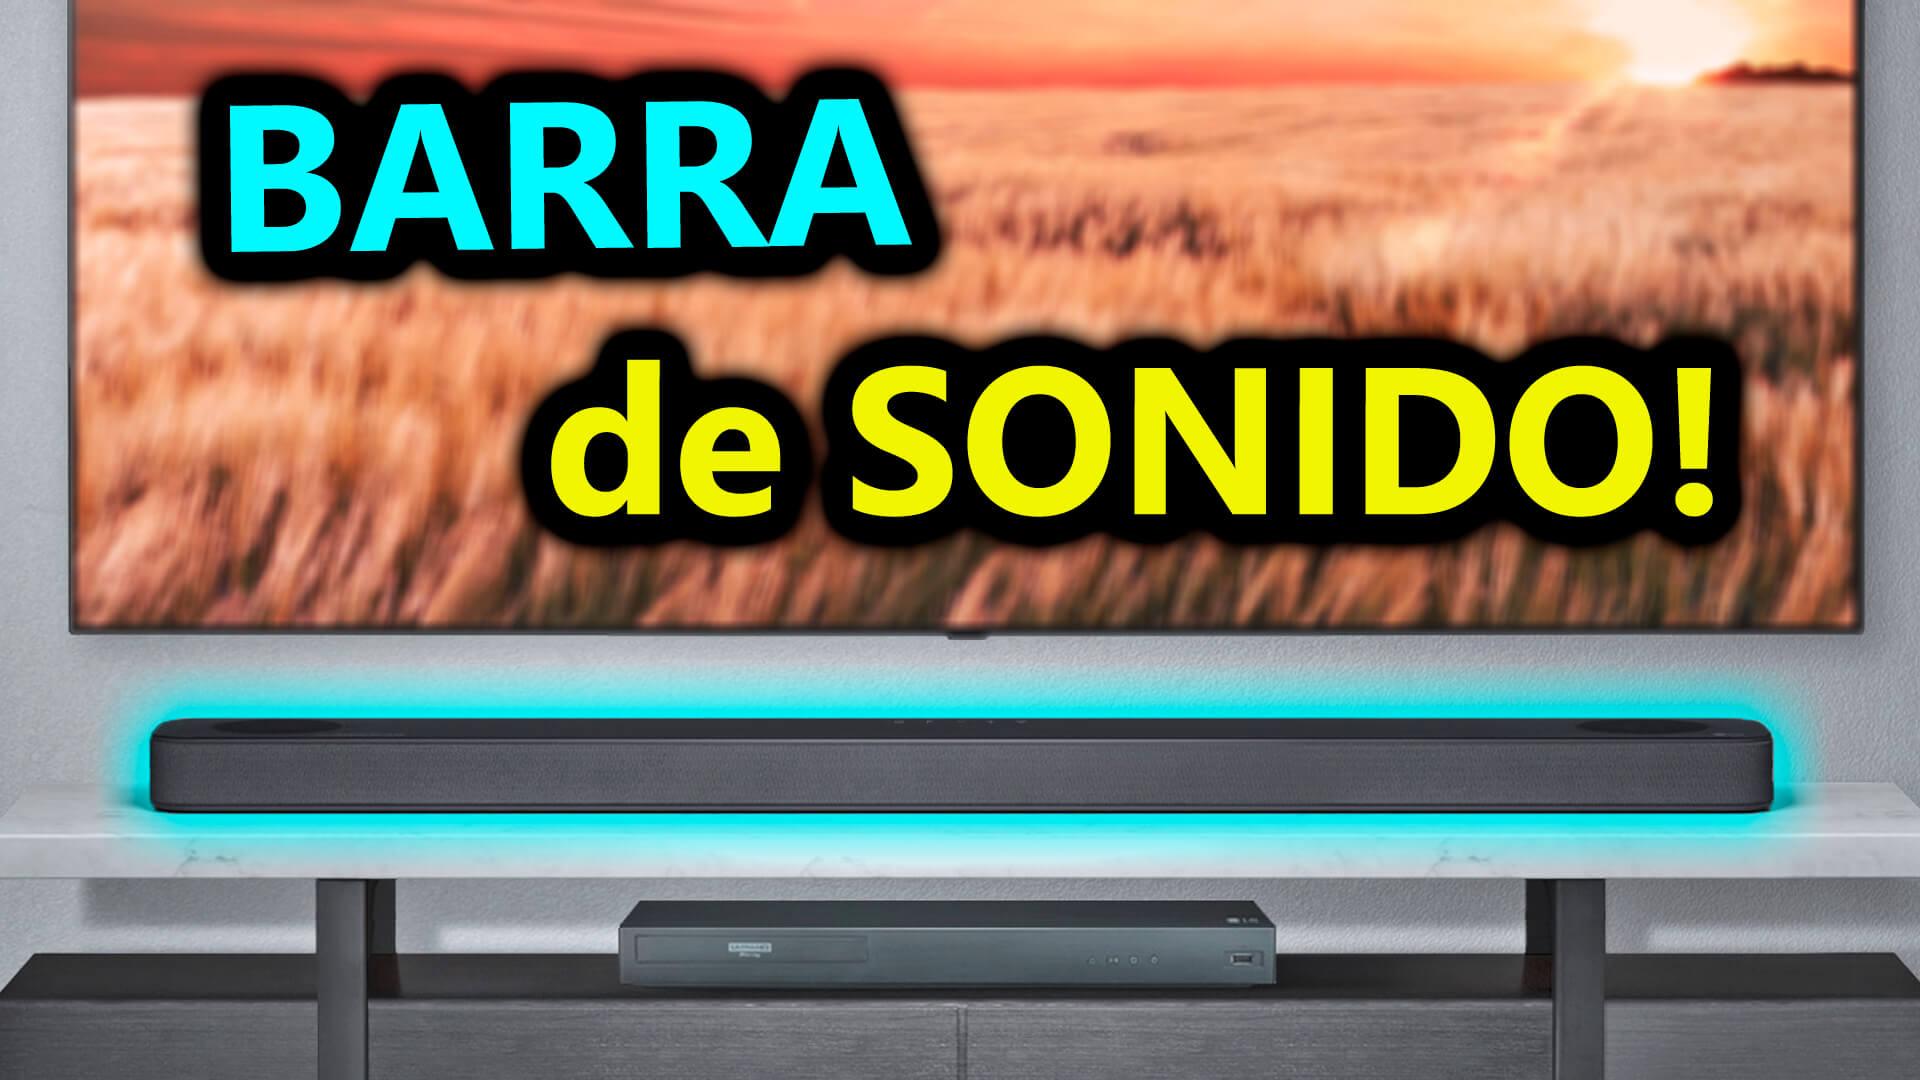 mejores barras sonido 2021